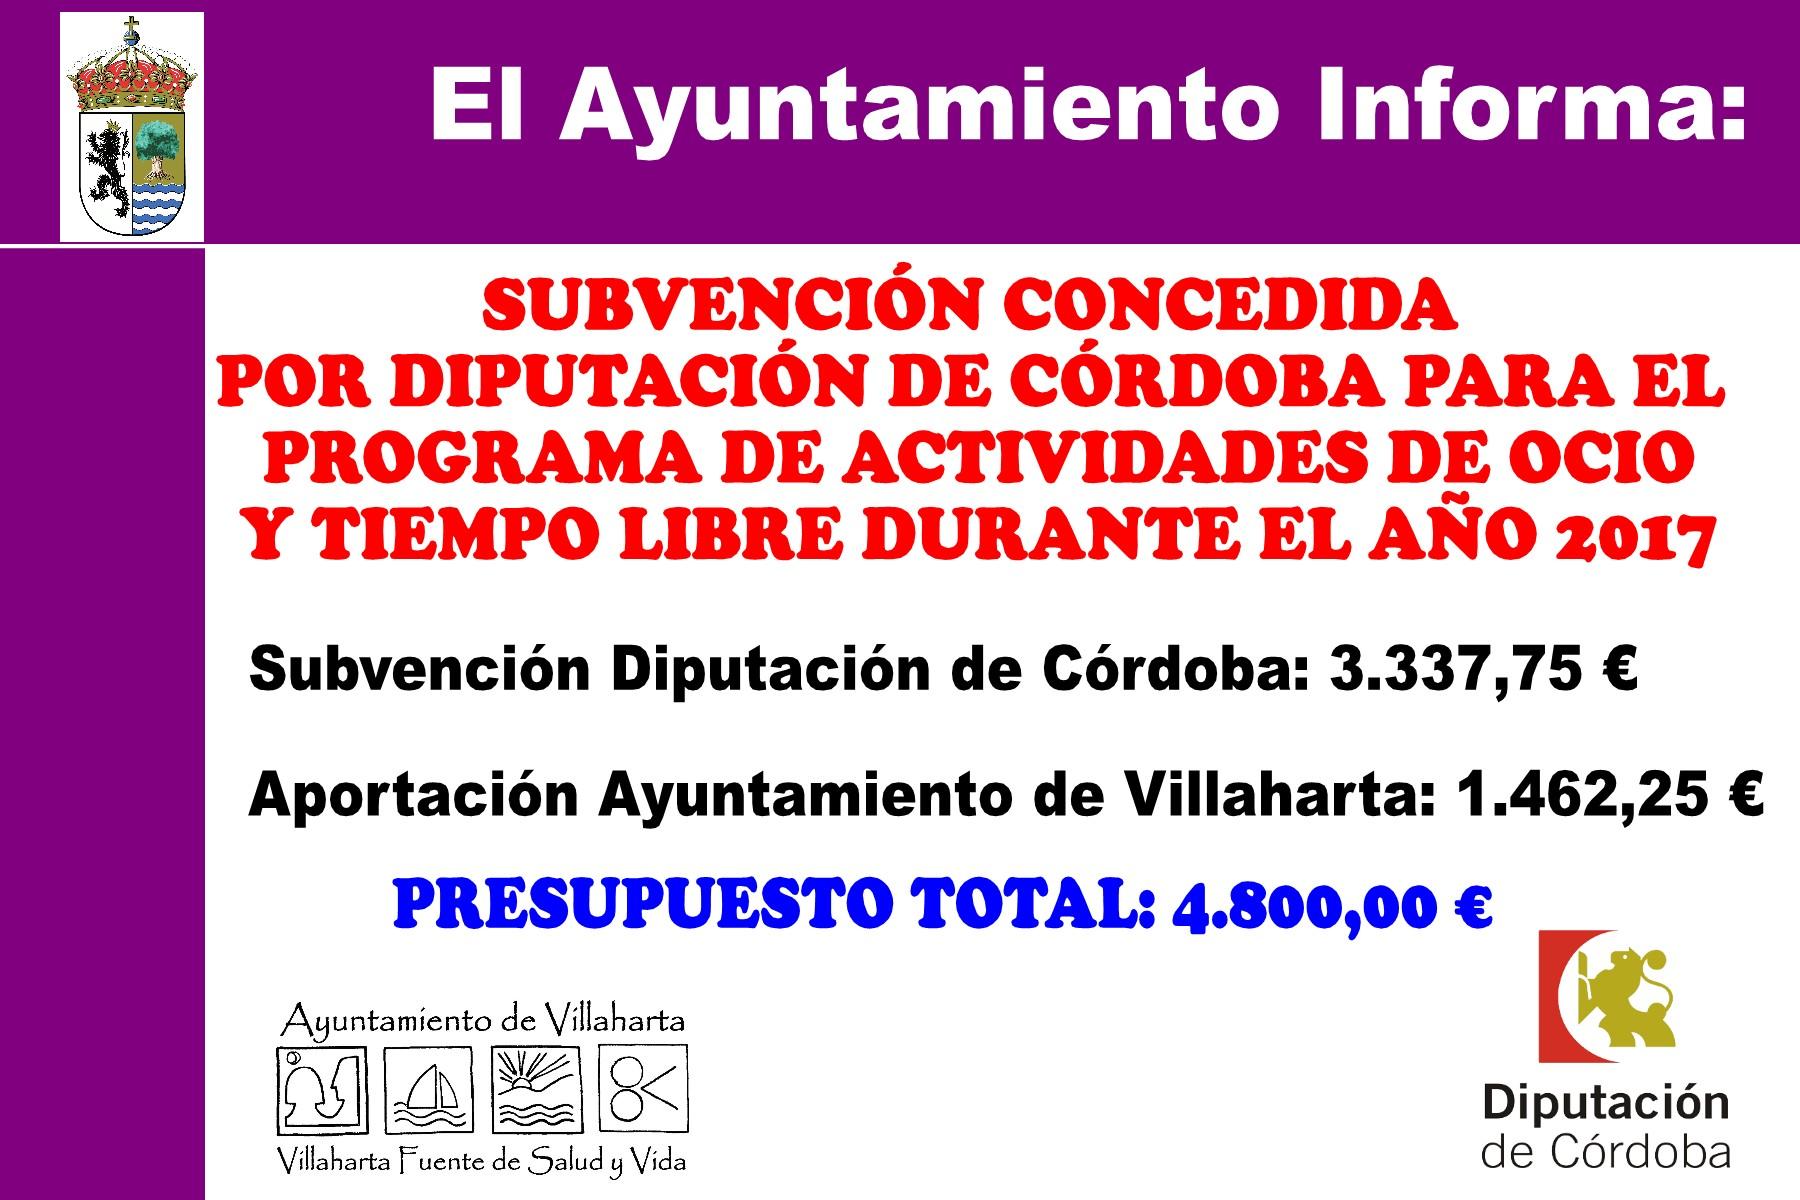 SUBVENCIONES RECIBIDAS. 2017 17